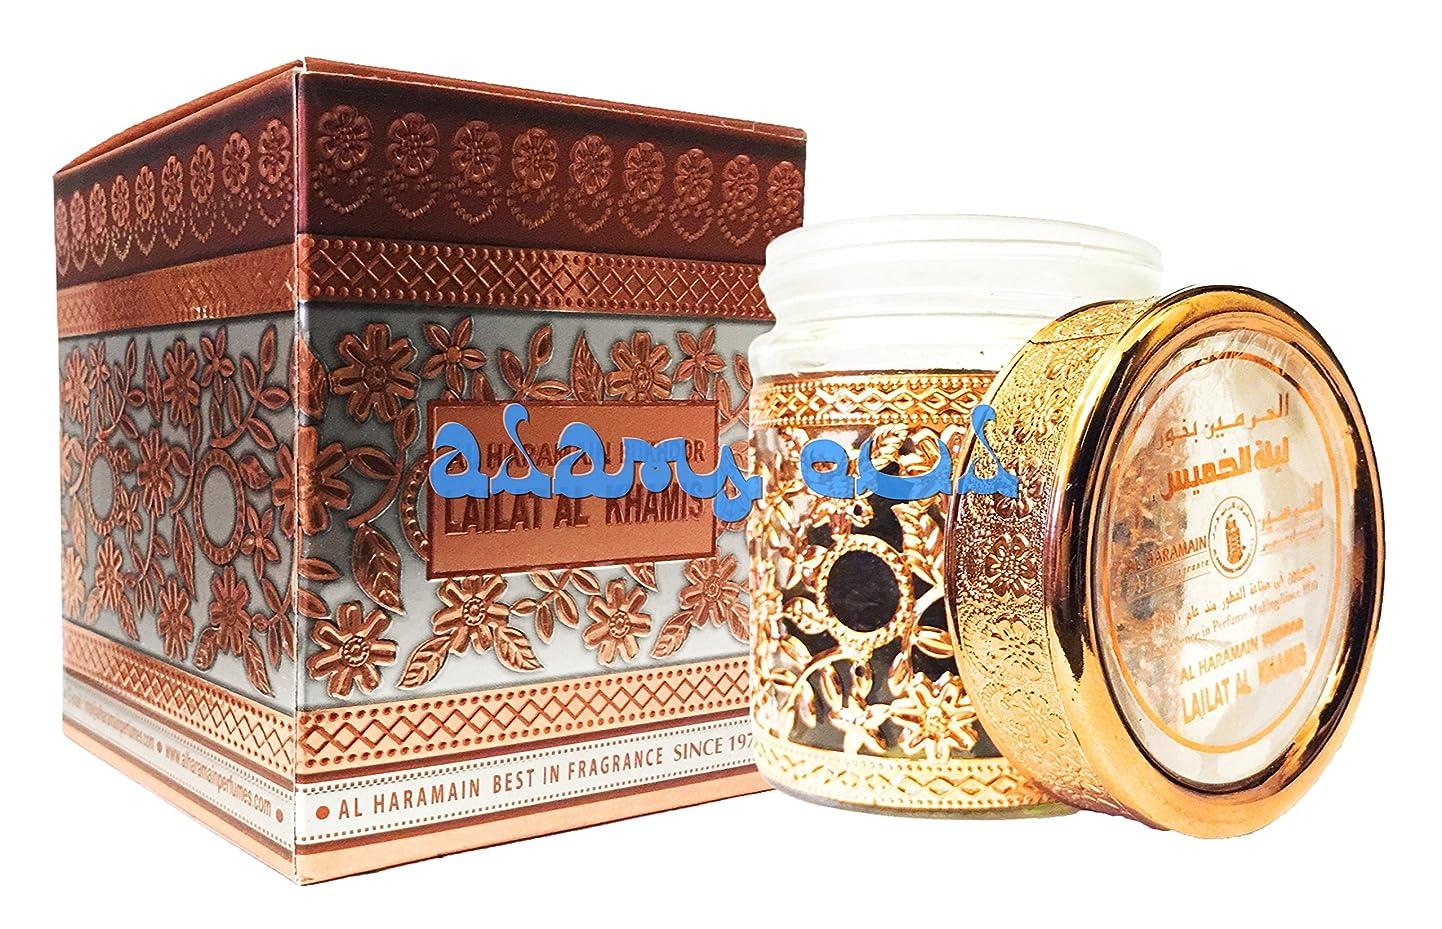 バレエくすぐったいかみそりBukhoor Lailat al Khamis Incense 100?Gms by Al Haramain